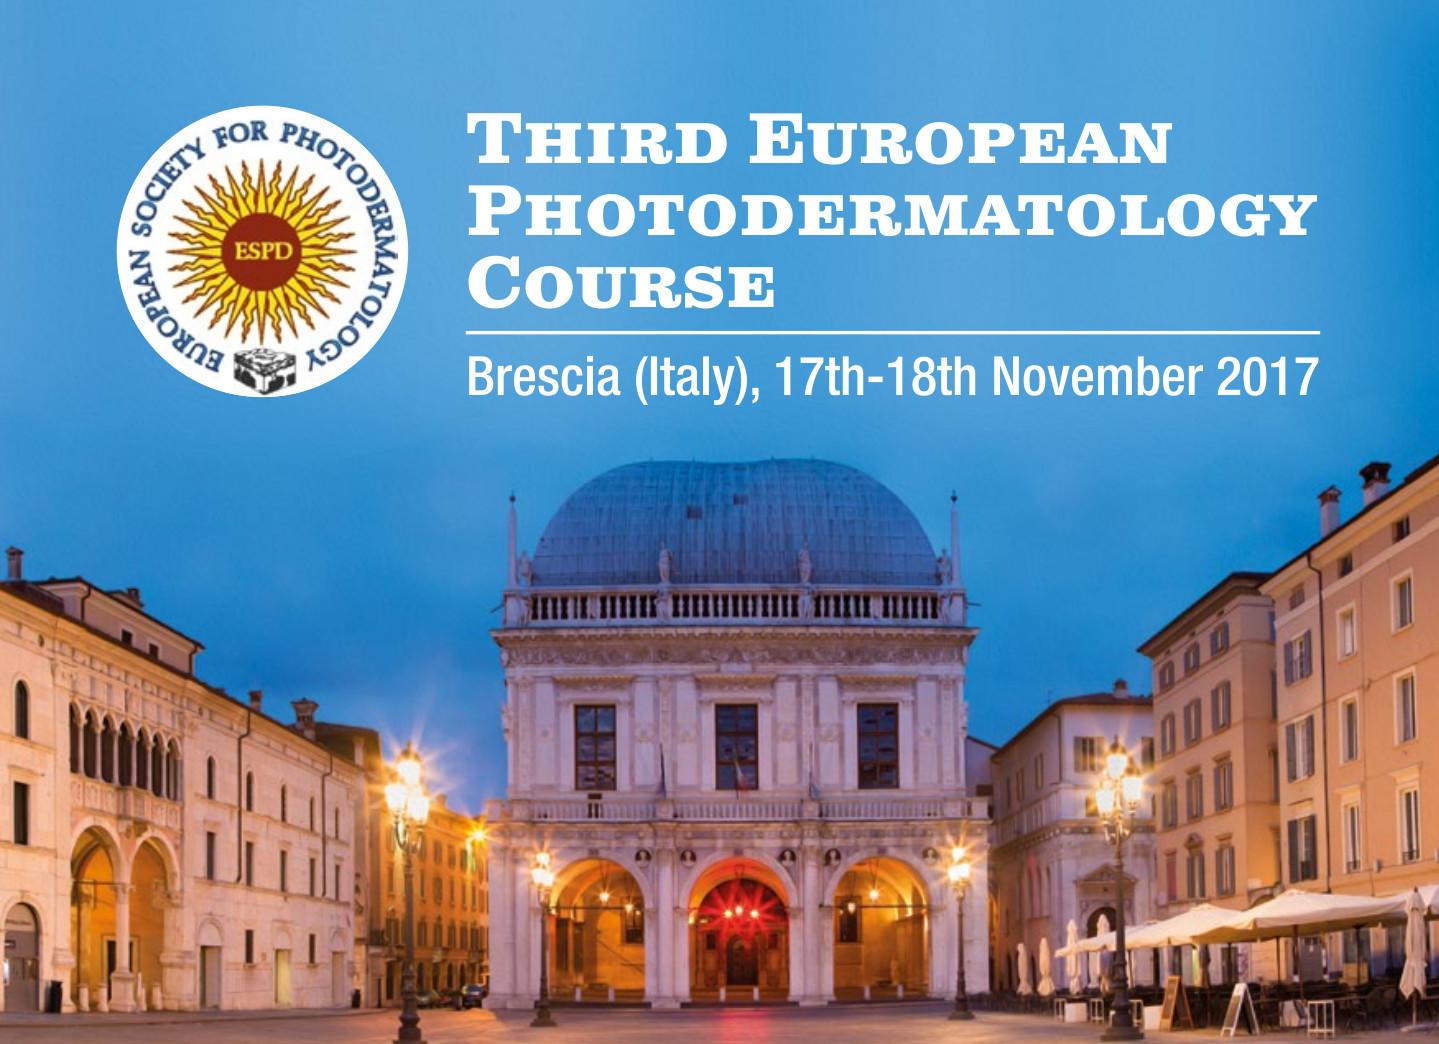 Third European Photodermatology Course